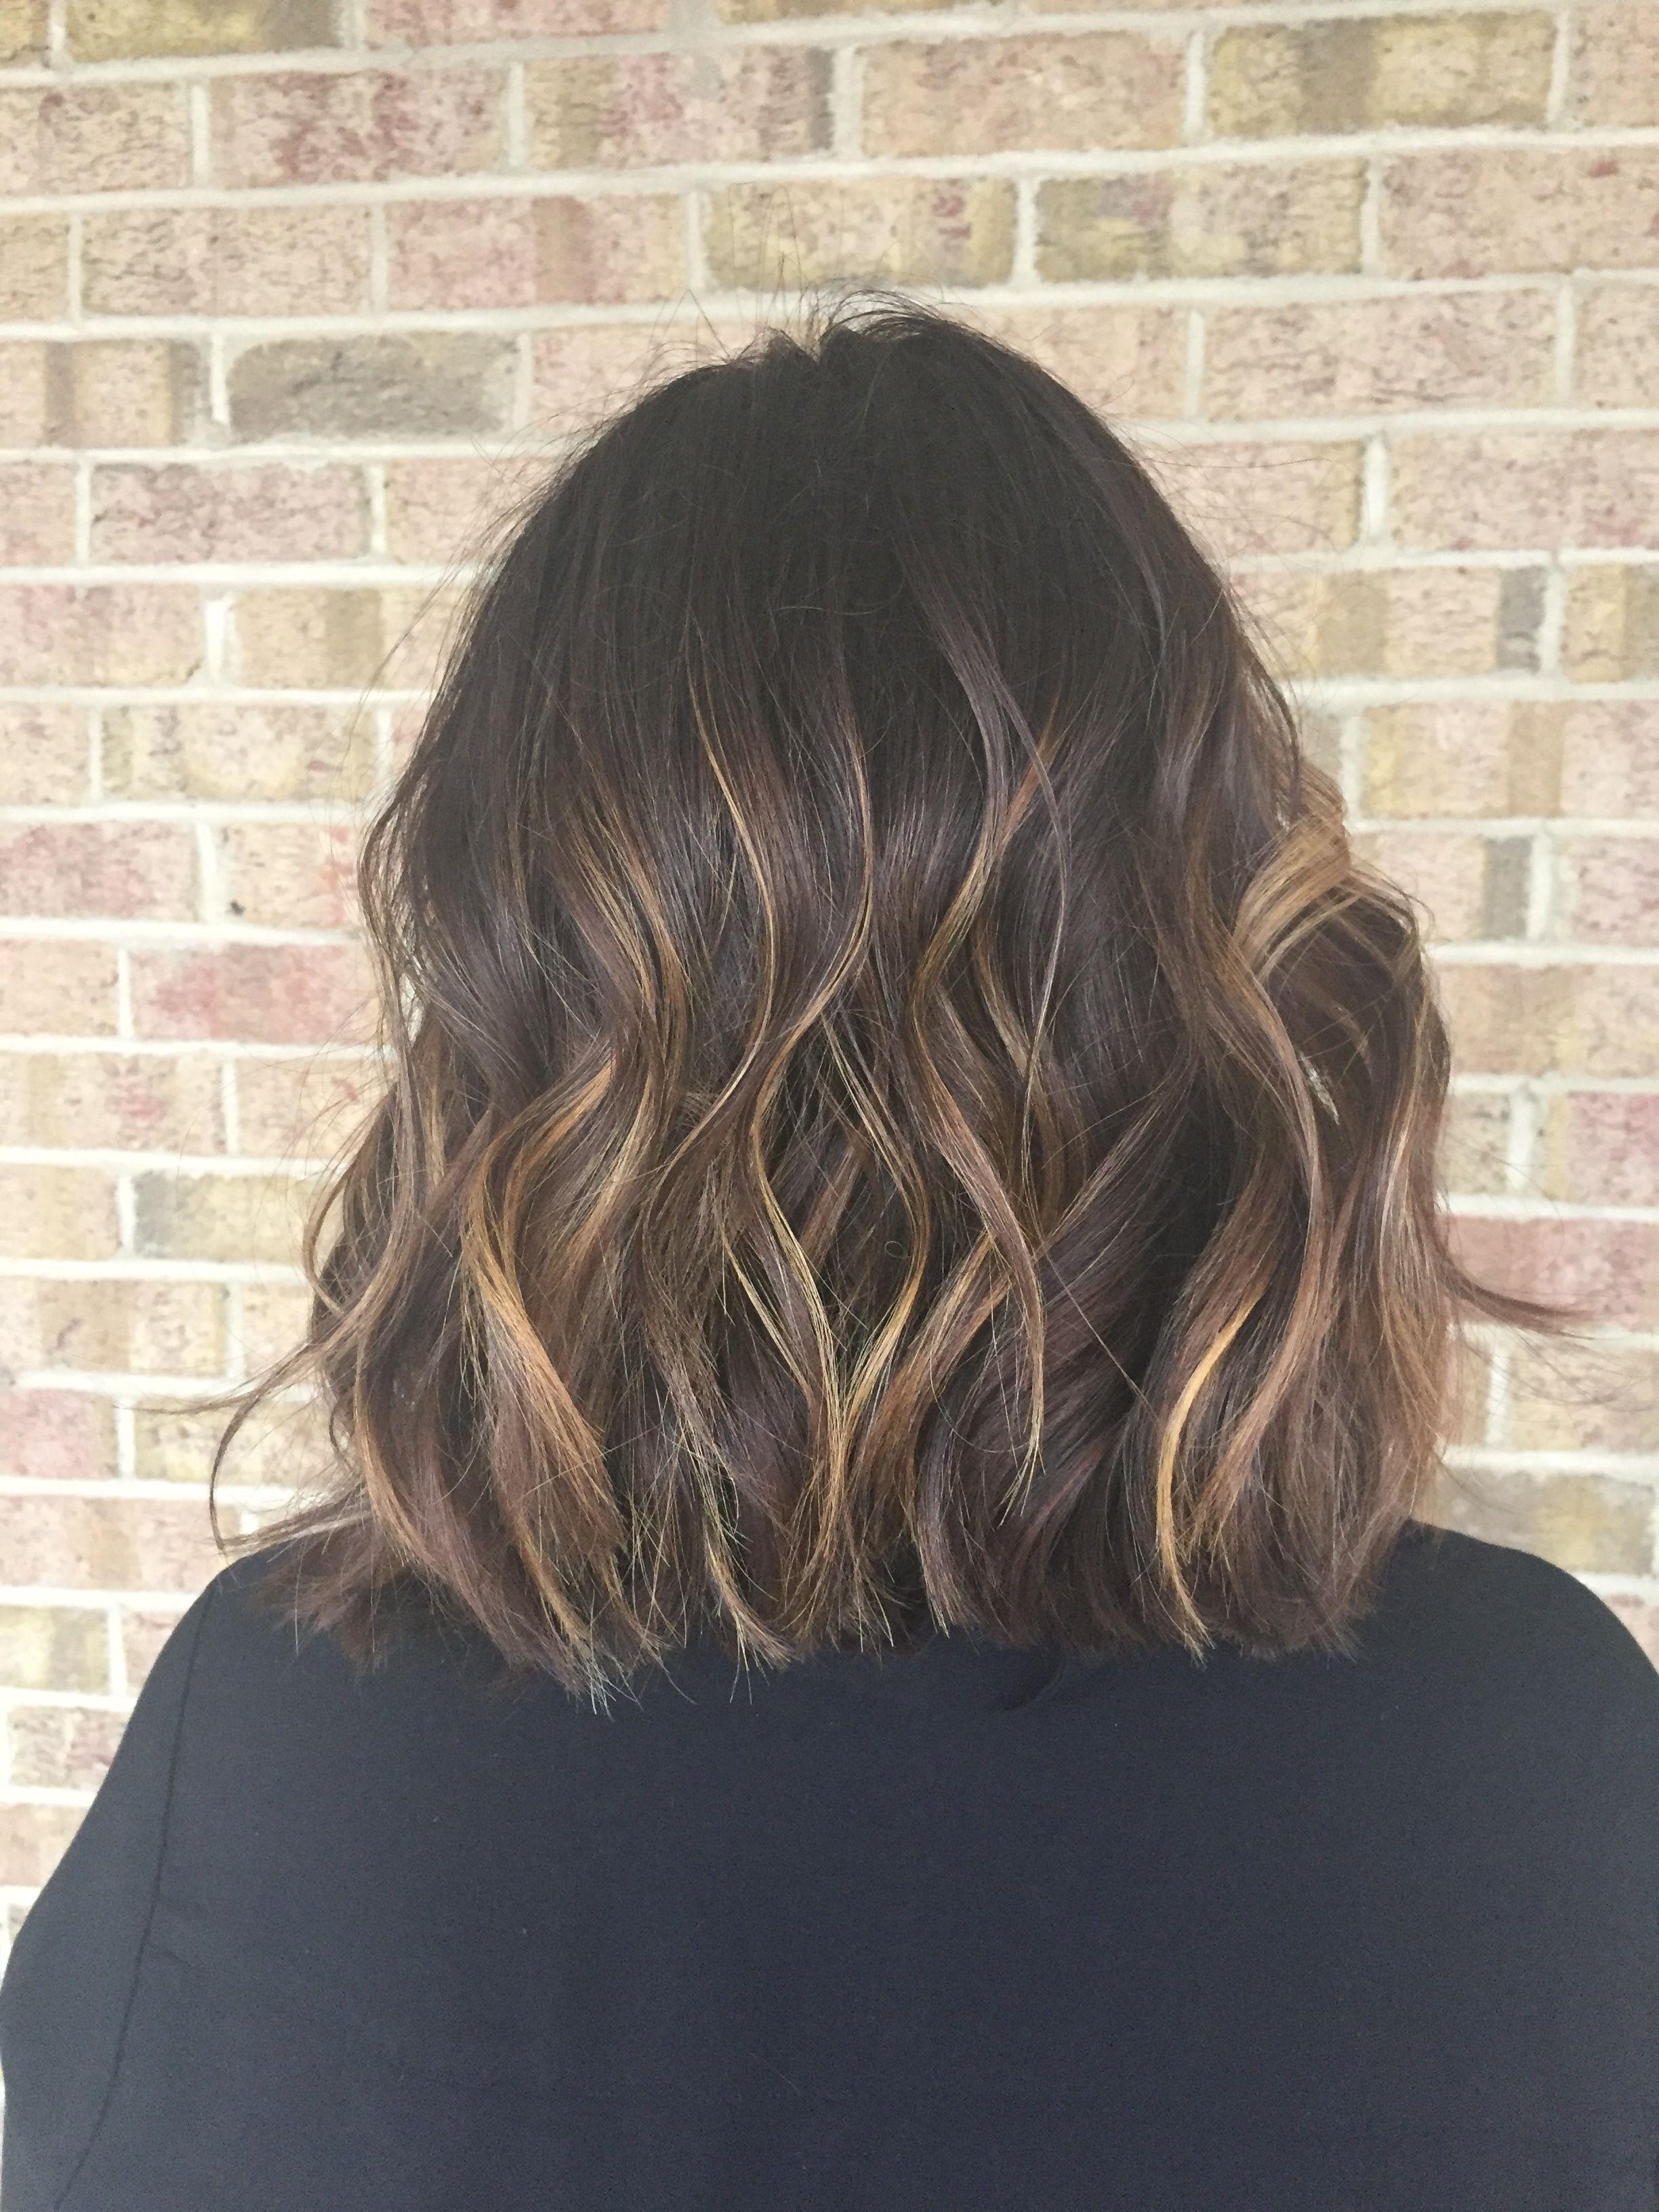 Les nuances de caramel brun doré reproduisent les effets du soleil sur les cheveux.